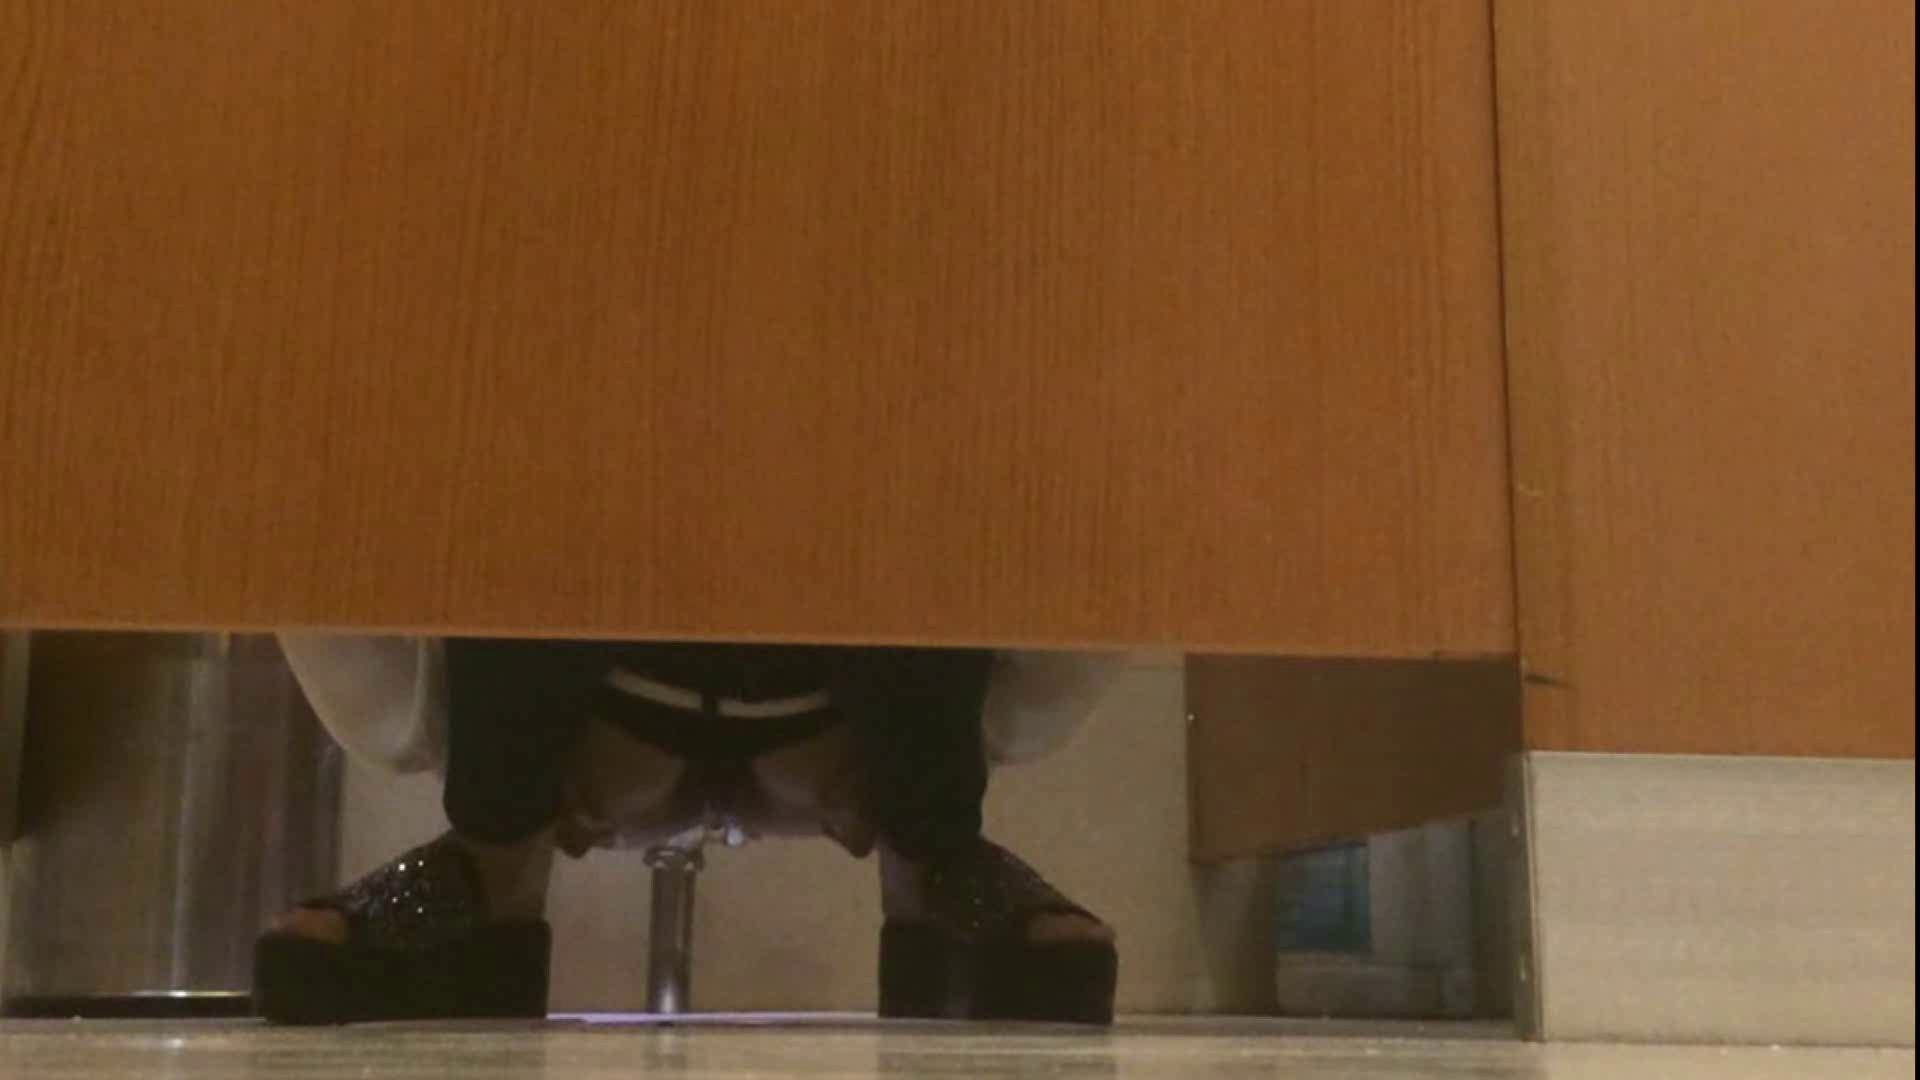 隣国化粧室下から御免!! No.14 洗面所 | お姉さん攻略  107画像 34